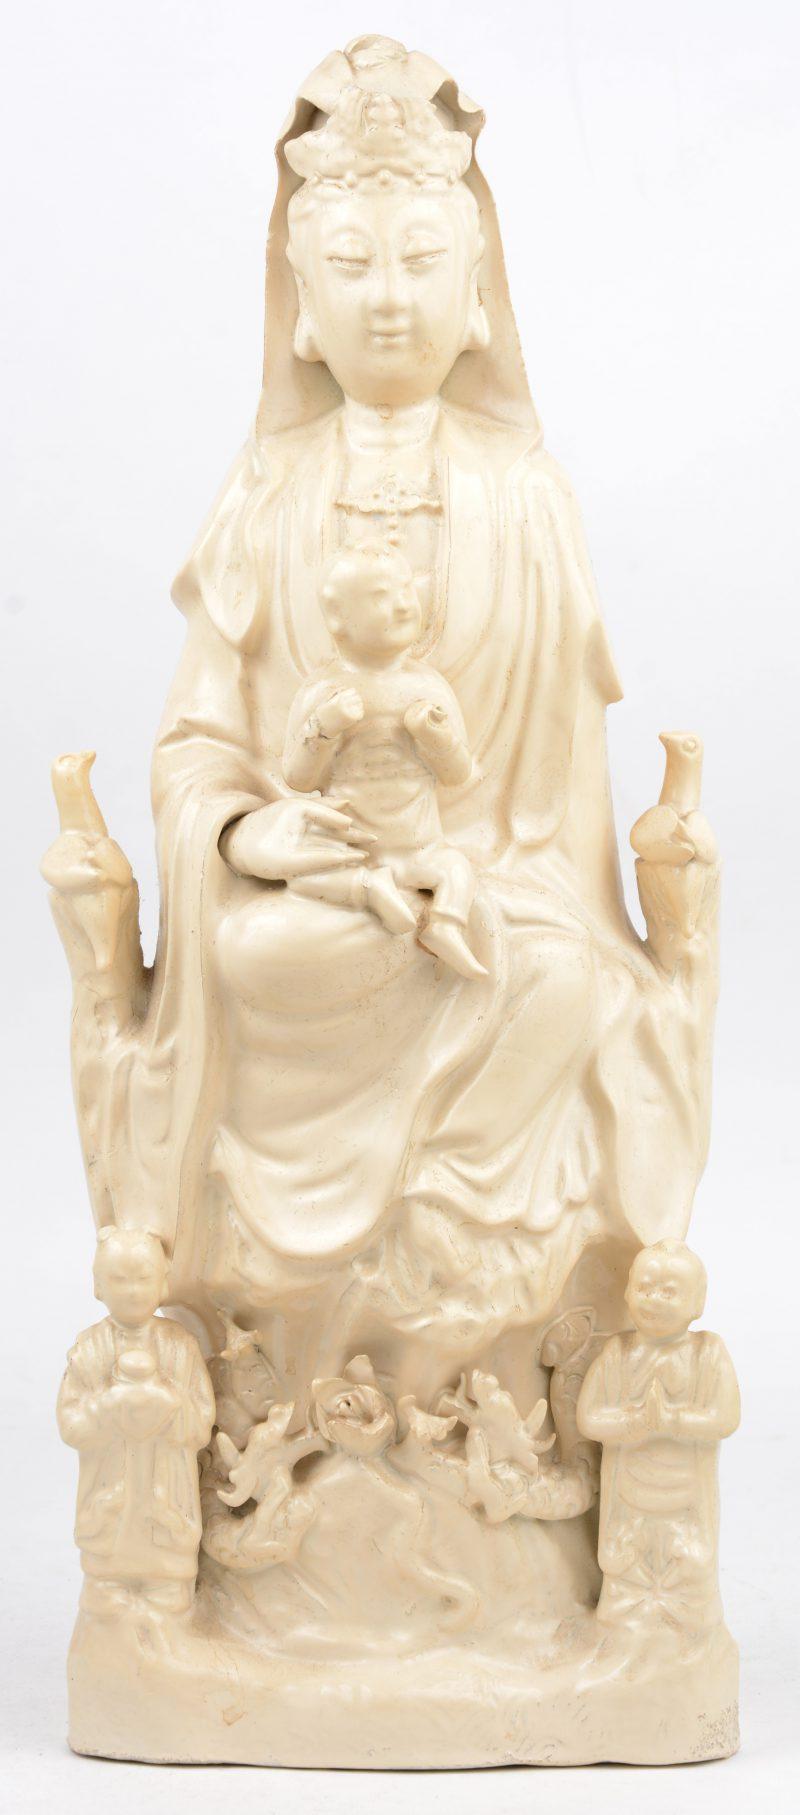 Een antieke Quanyin van monochroom wit porselein naar het blanc-de-Chine-porselein. Gerestaureerd, overschilderd en kleine beschadiging aan de tiara en de hand.